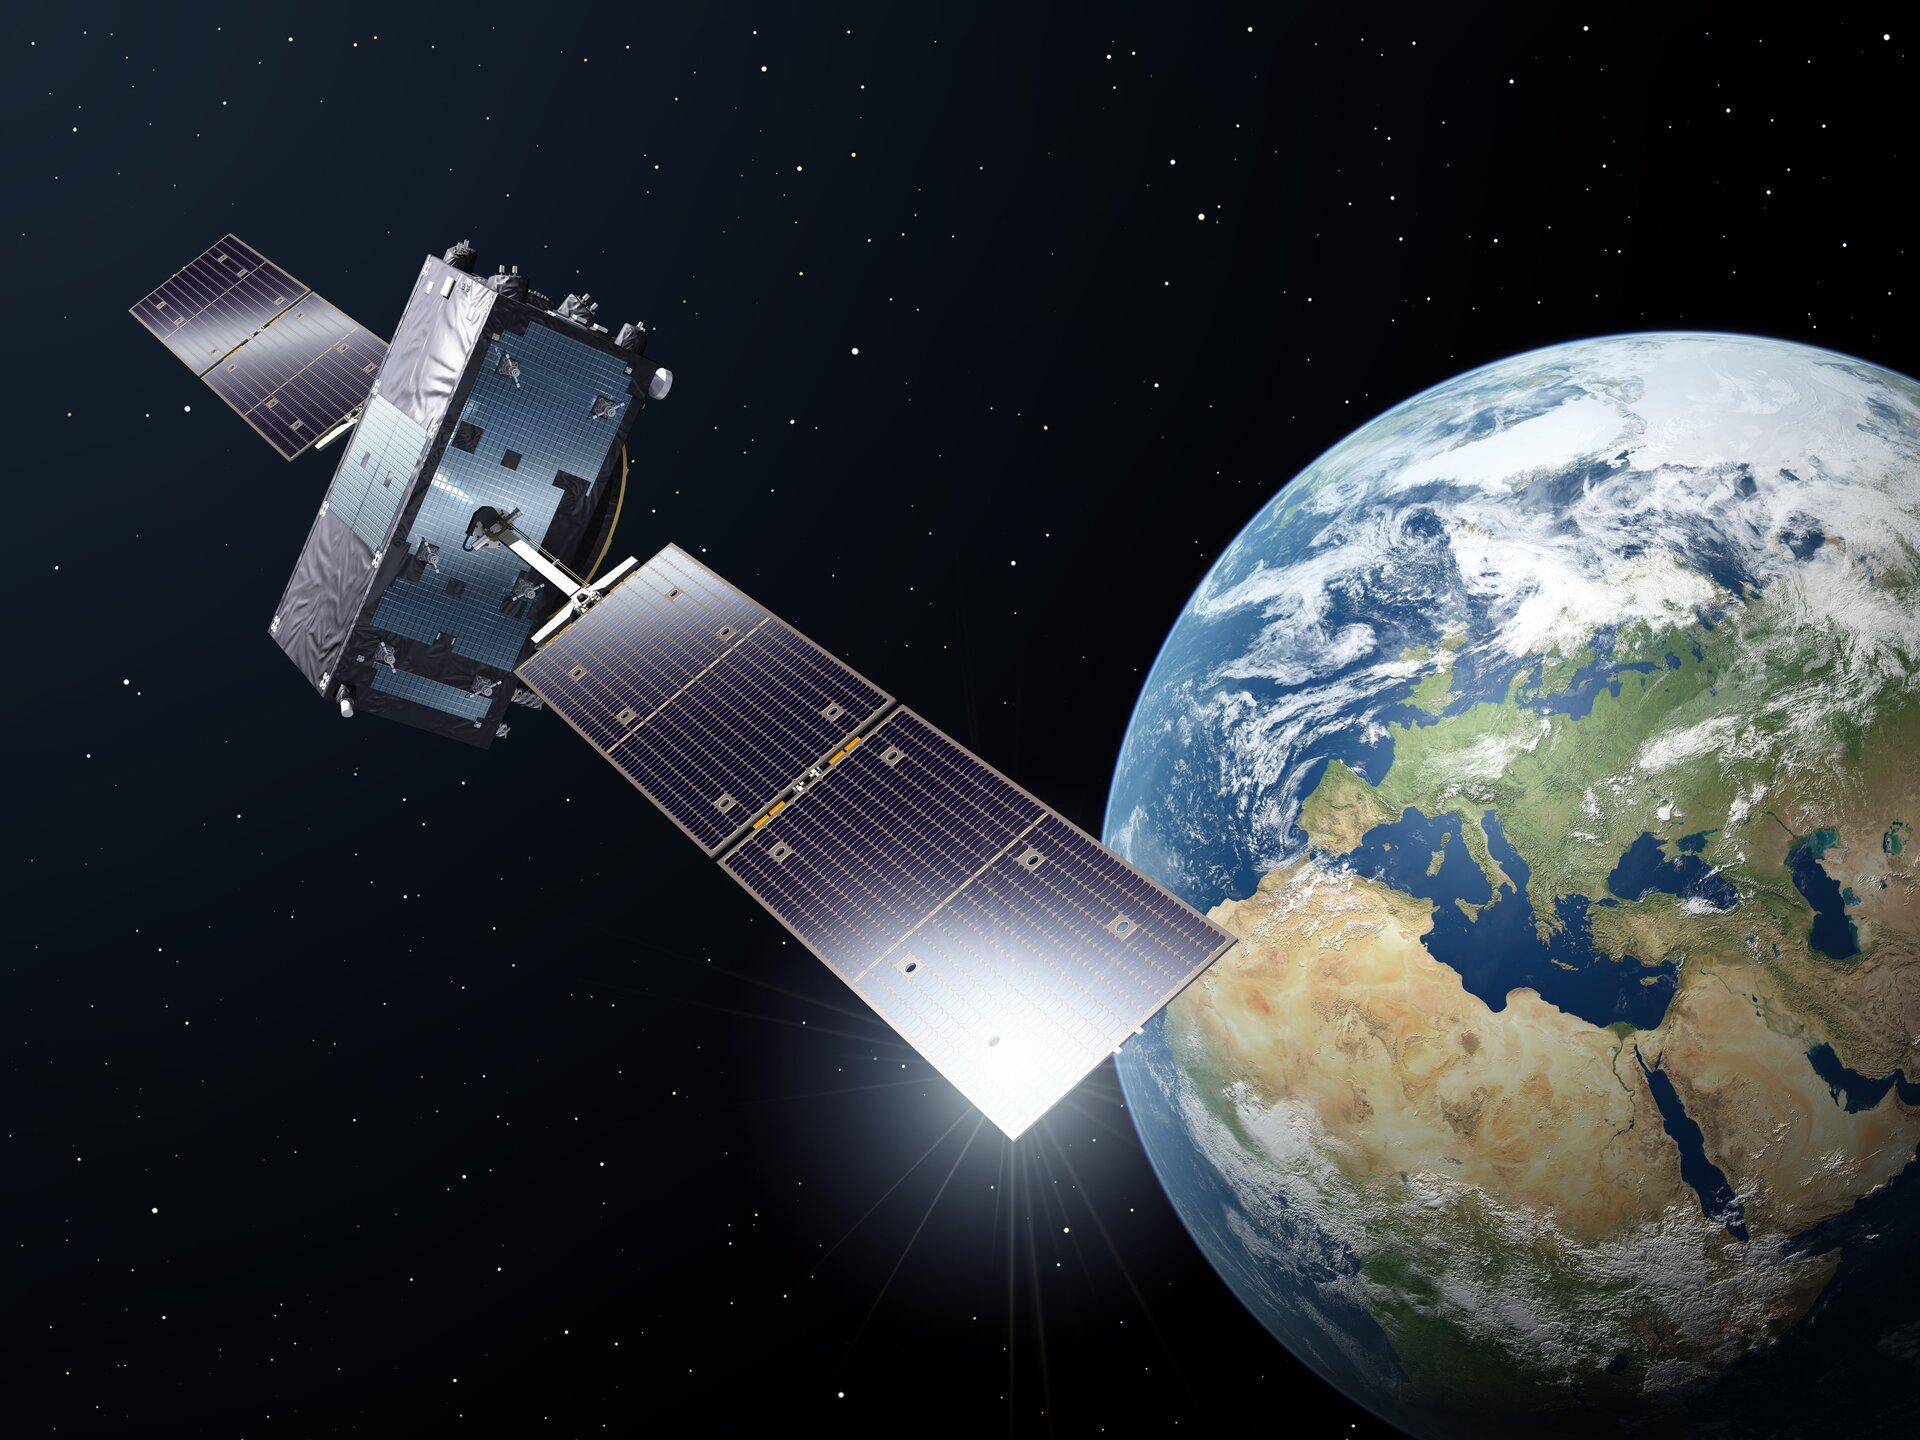 ESA-Video: Wie funktionieren die Galileo-Navigationssatelliten?